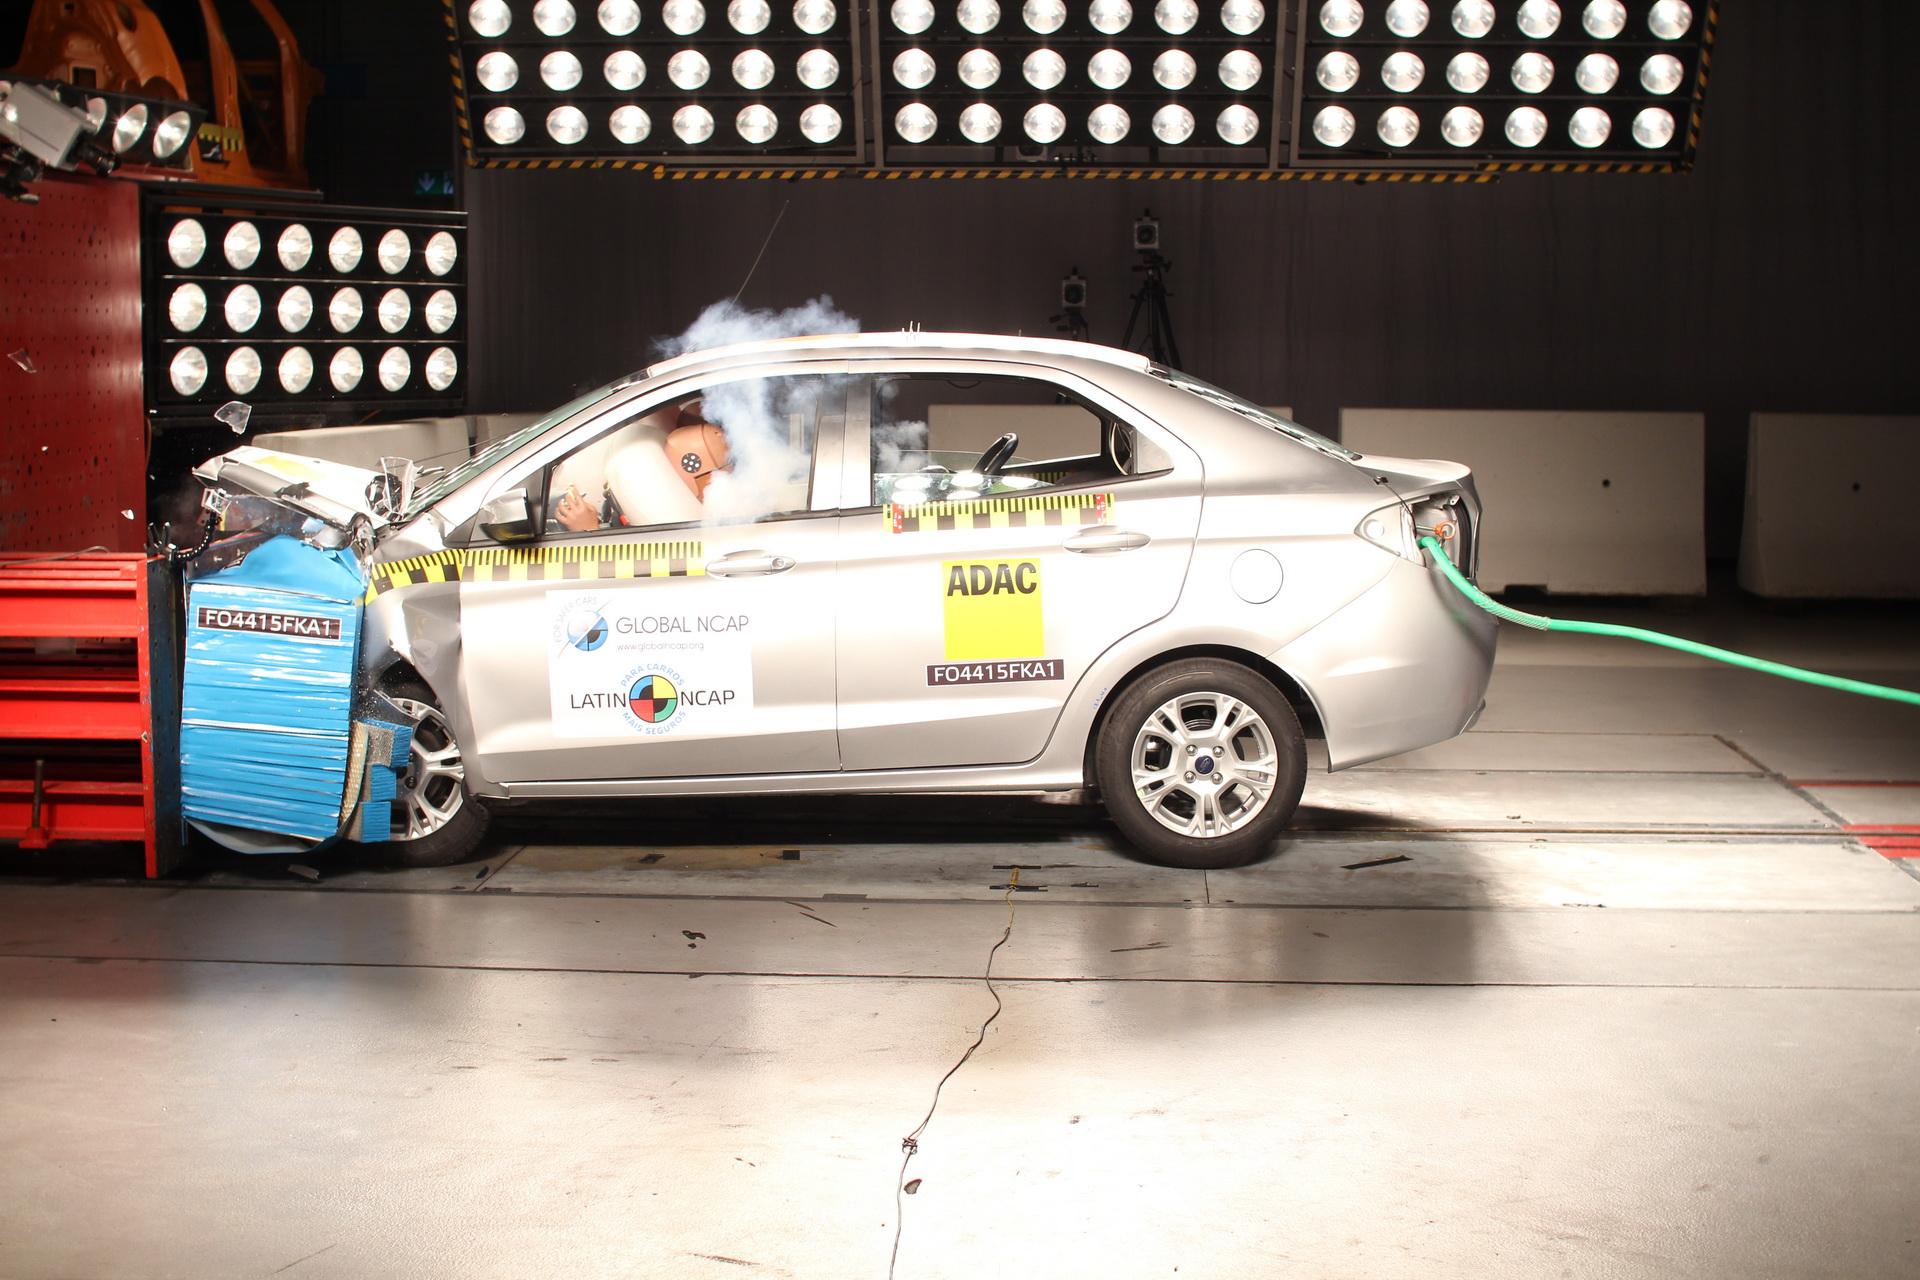 2020-ford-ka-latin-ncap-crash-test-3